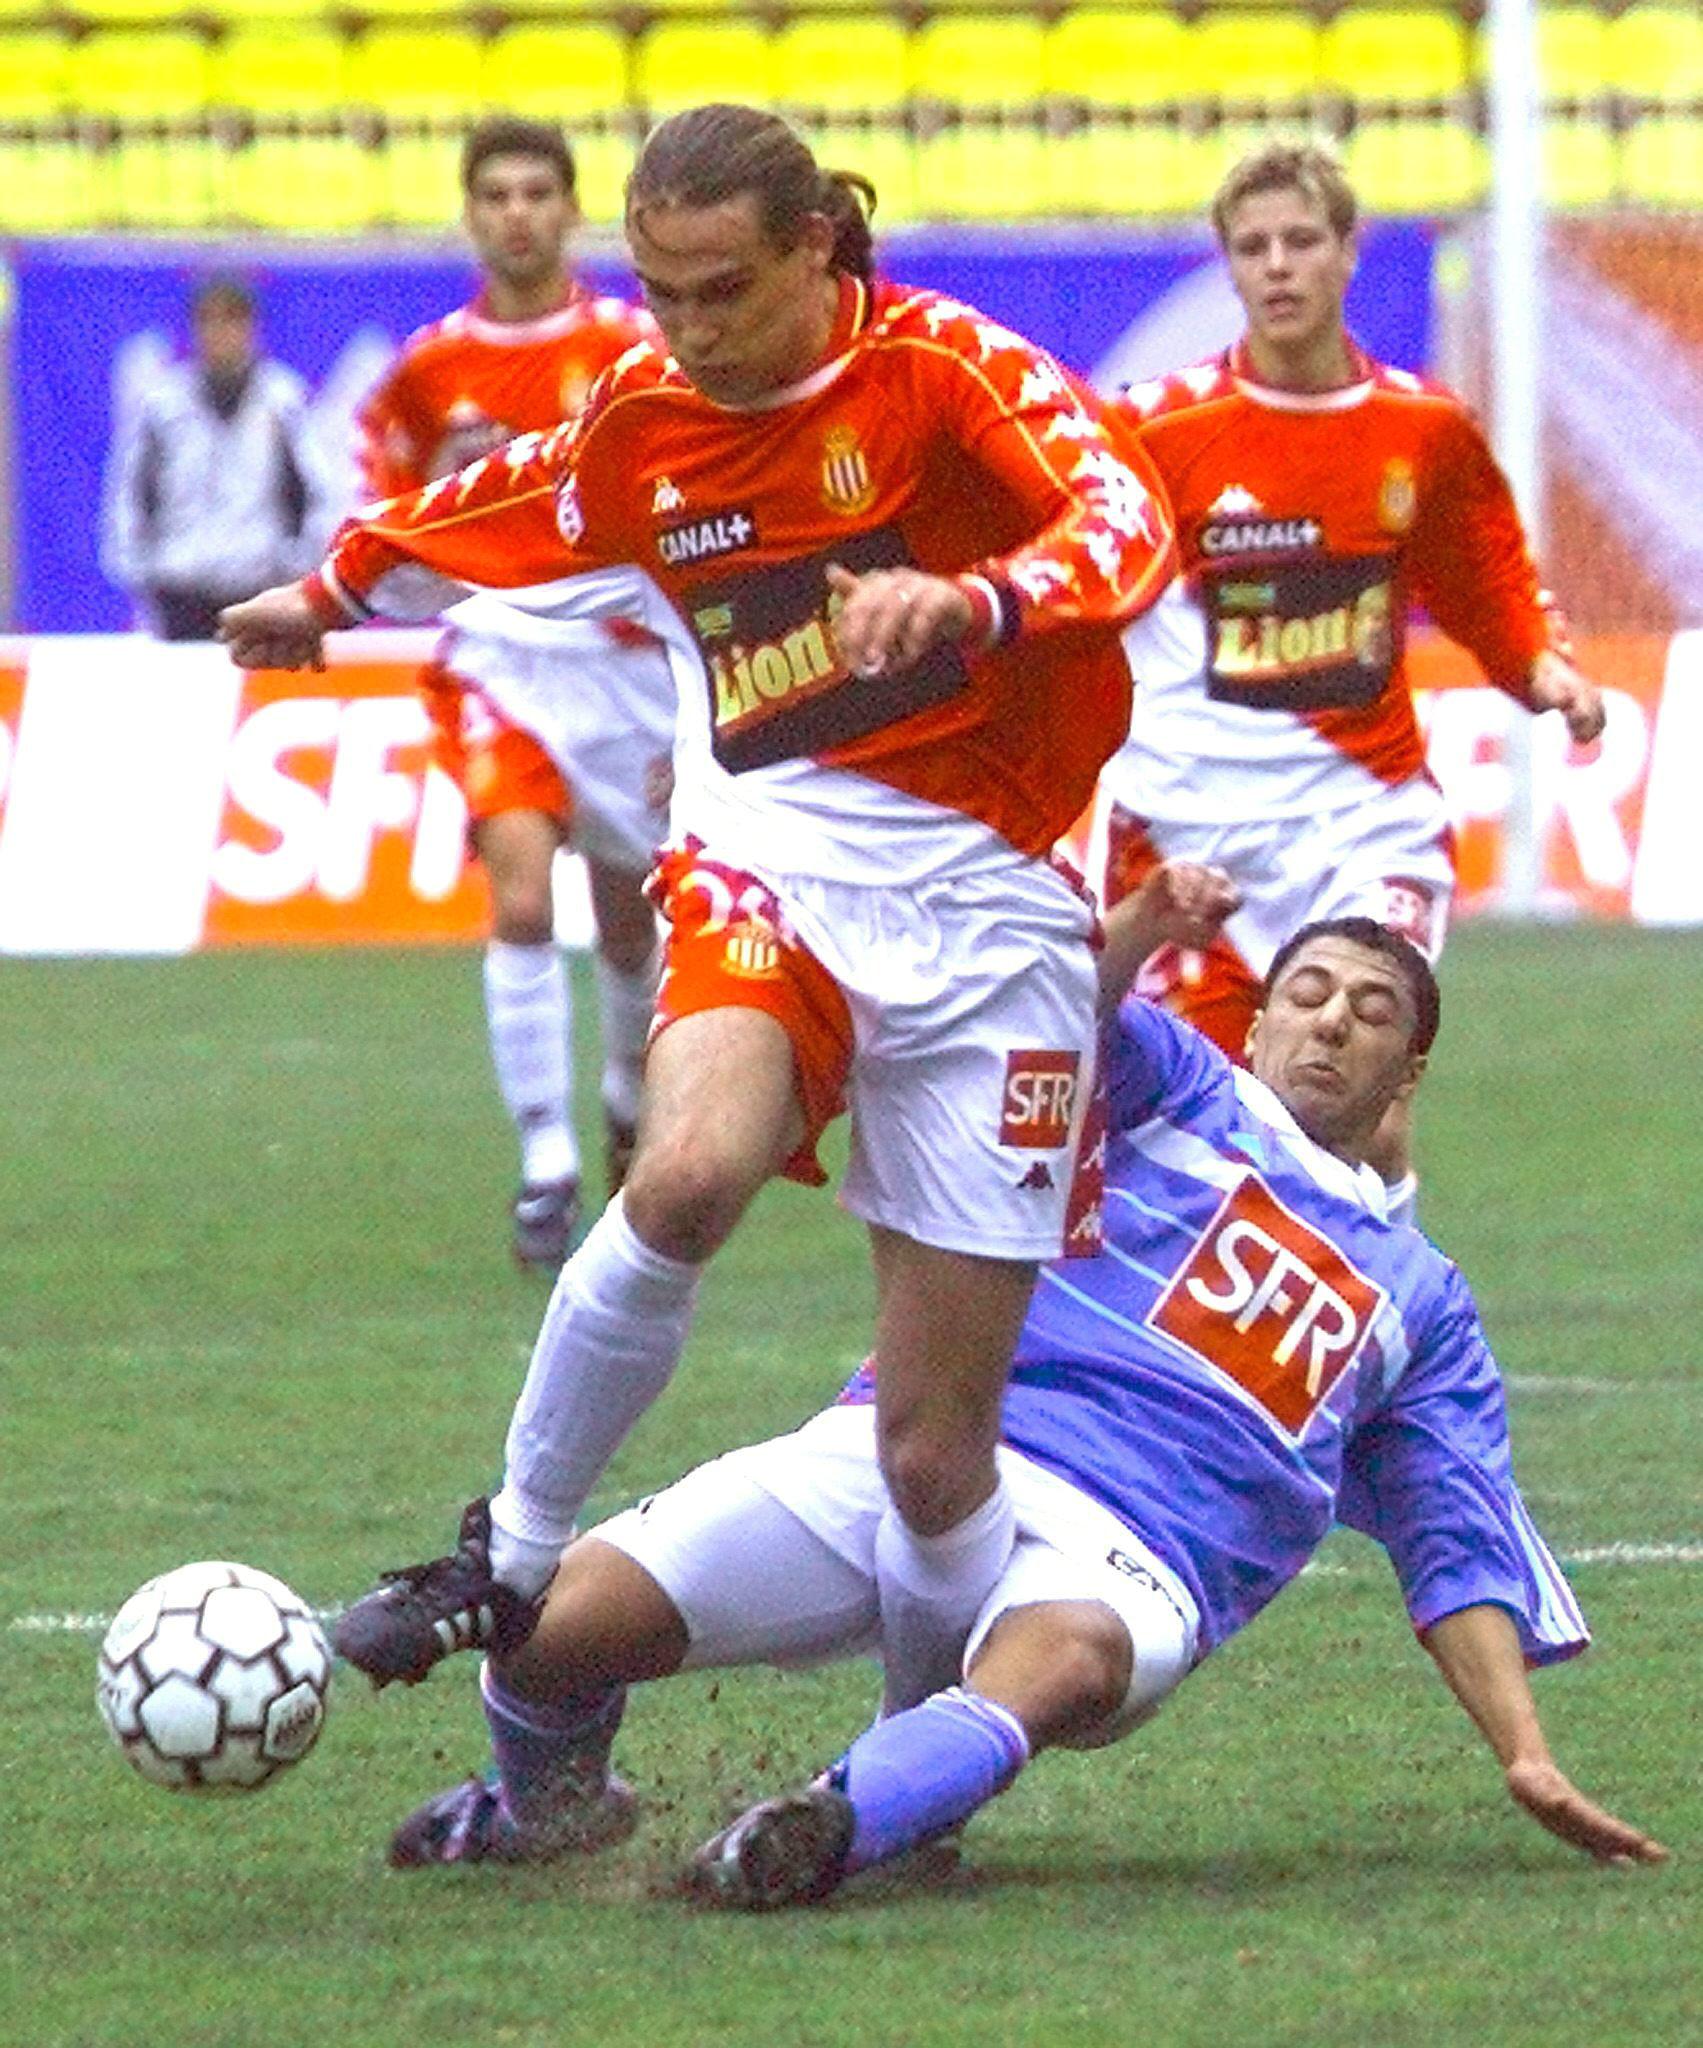 Prso, en un partido de la Liga francesa en enero de 2000 (Archivo 20minutos).